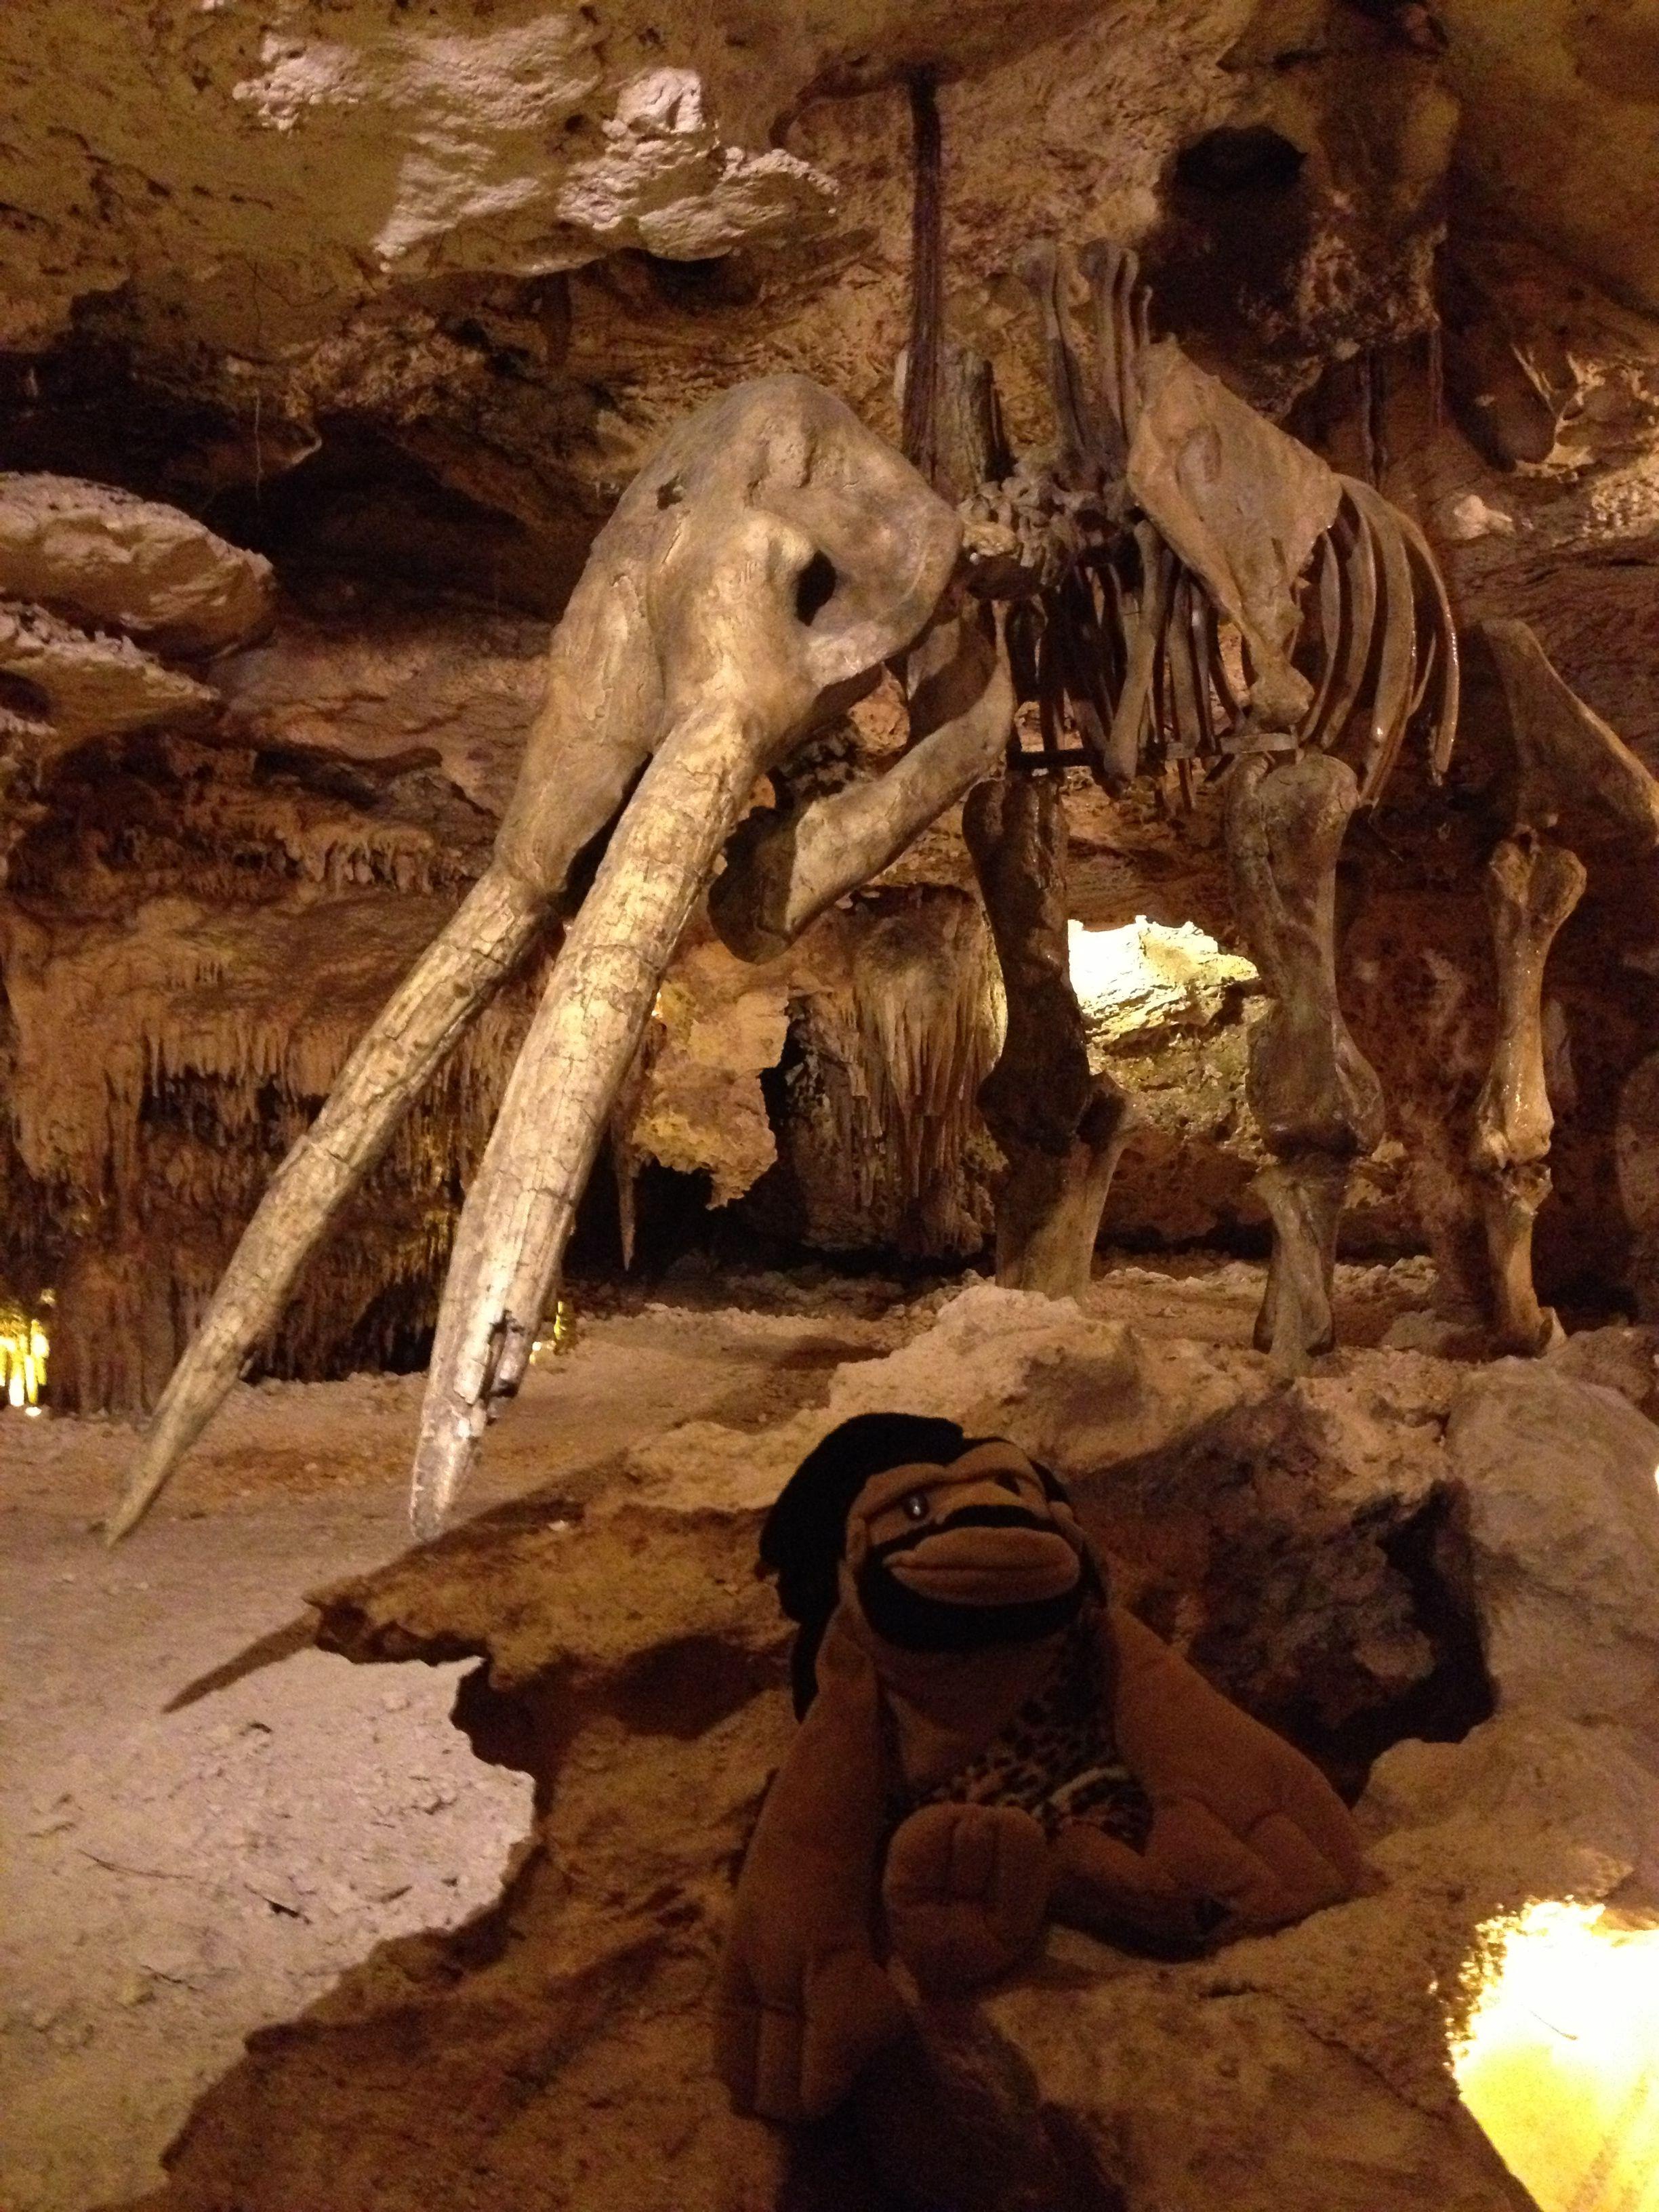 「Gomphotherium Mexico」の画像検索結果